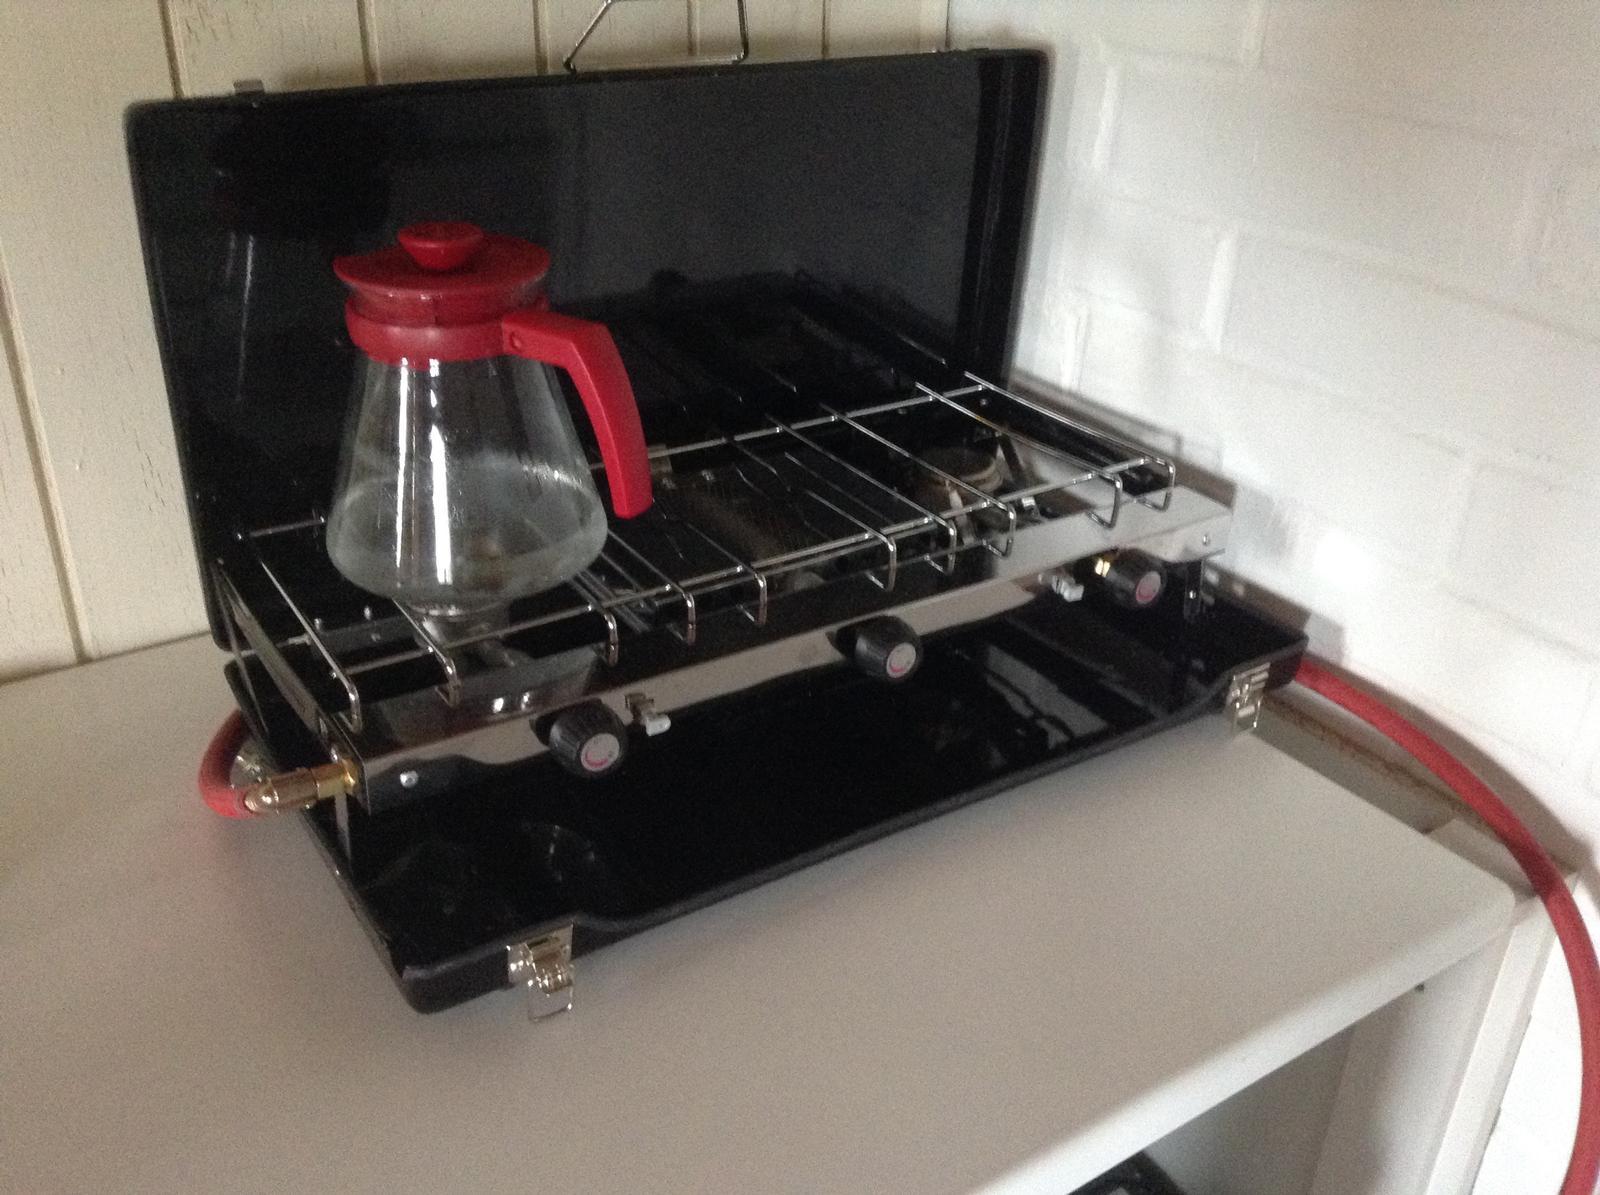 """""""Domček"""" - vyhodila som šporák a kúpila si varič - voda mi na ňom zovrie podstatne rýchlejšie a veeeeeeľmi sa mi páááči... navyše vyzerá že je aj praktický, aj keď ten stredový gril moc veľká sláva asi nebude... ale nevadííí"""